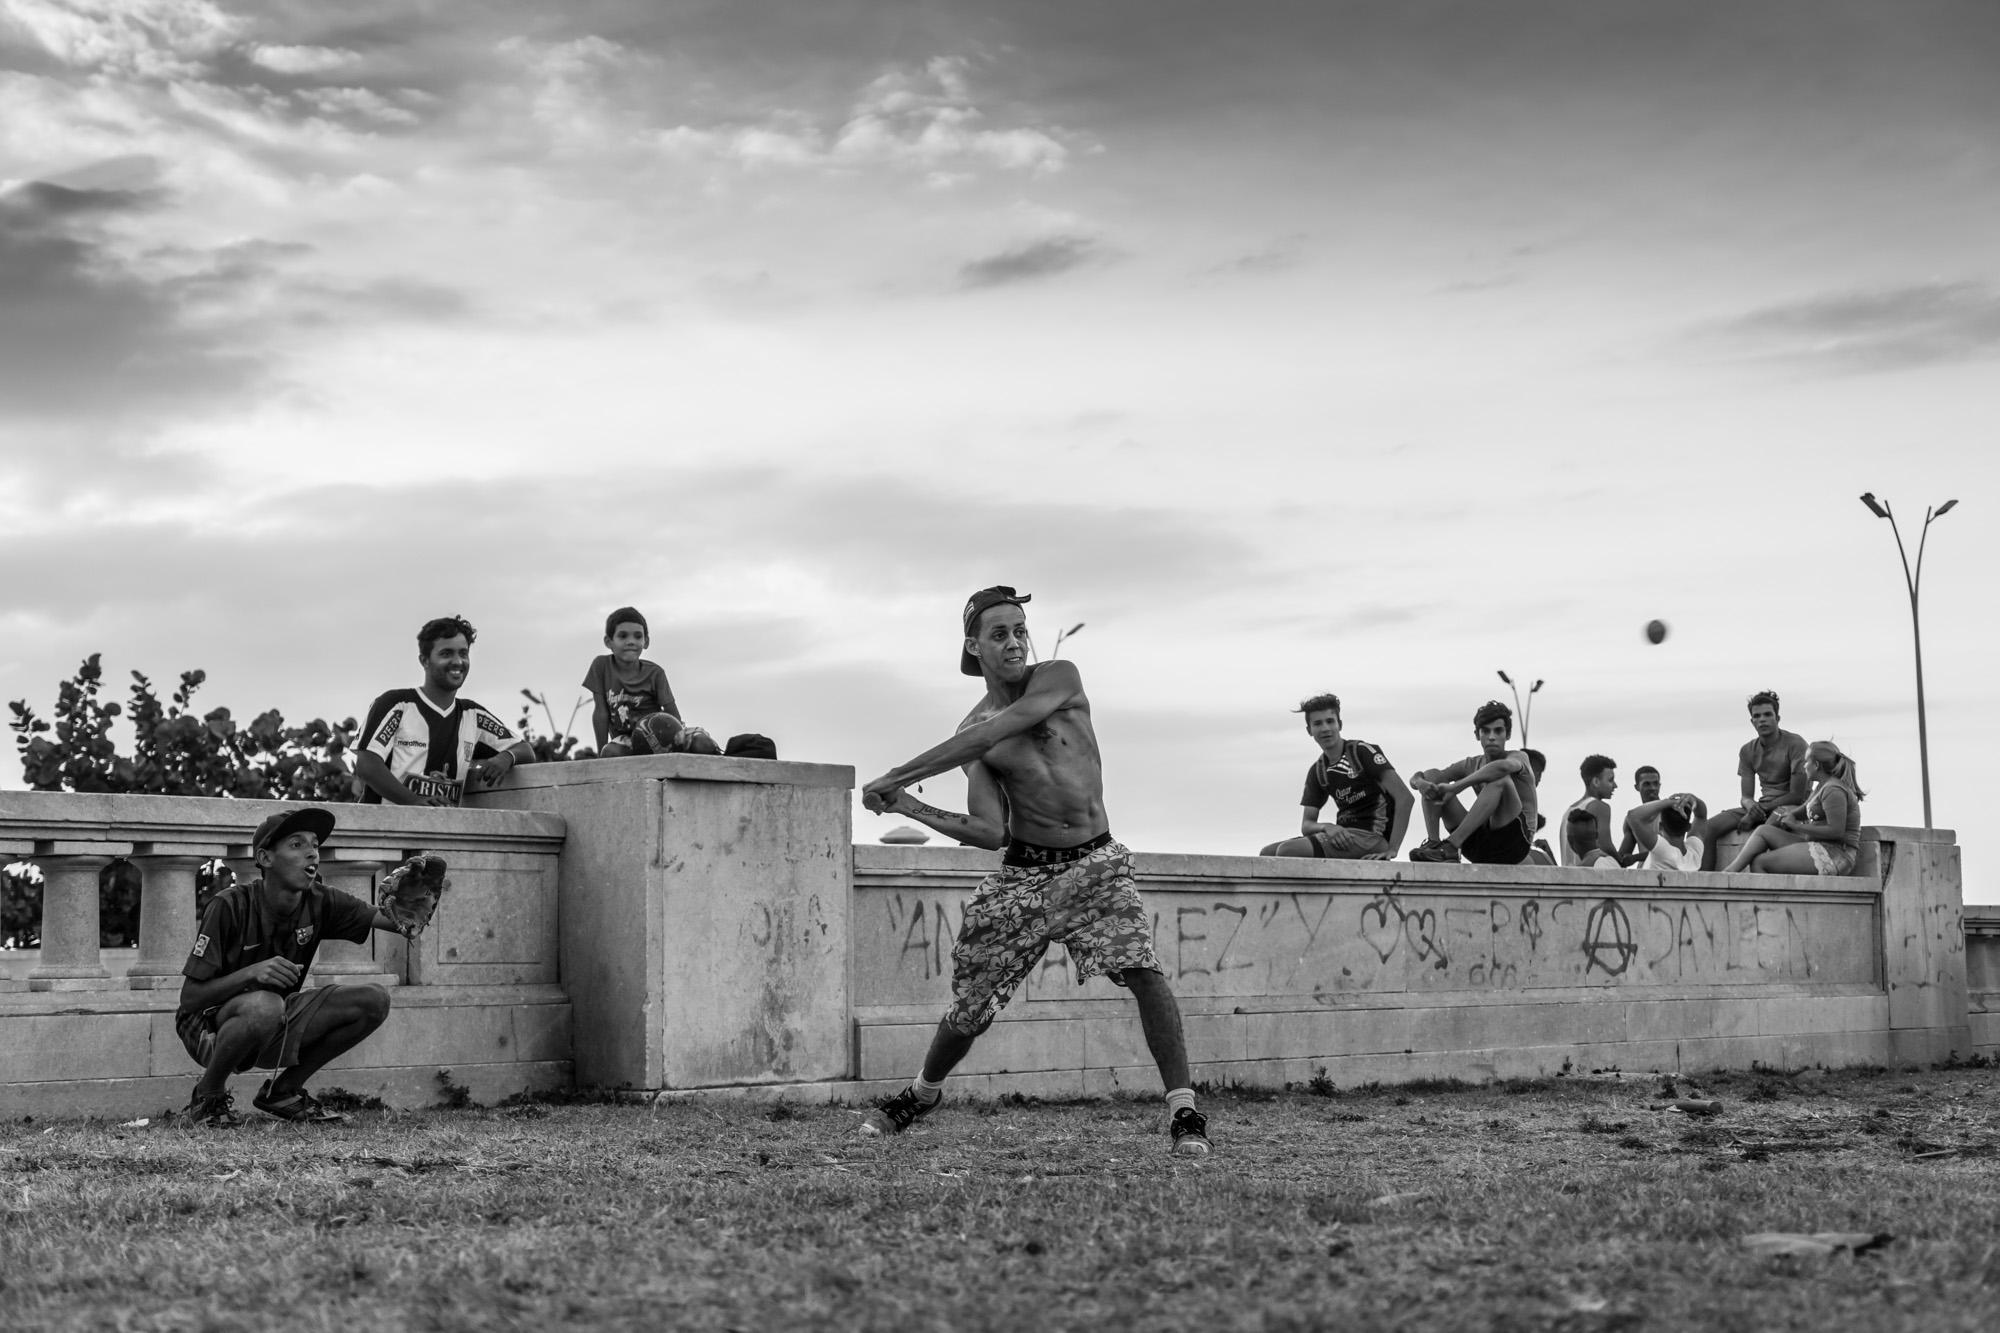 Home Run Derby, Havana, Cuba